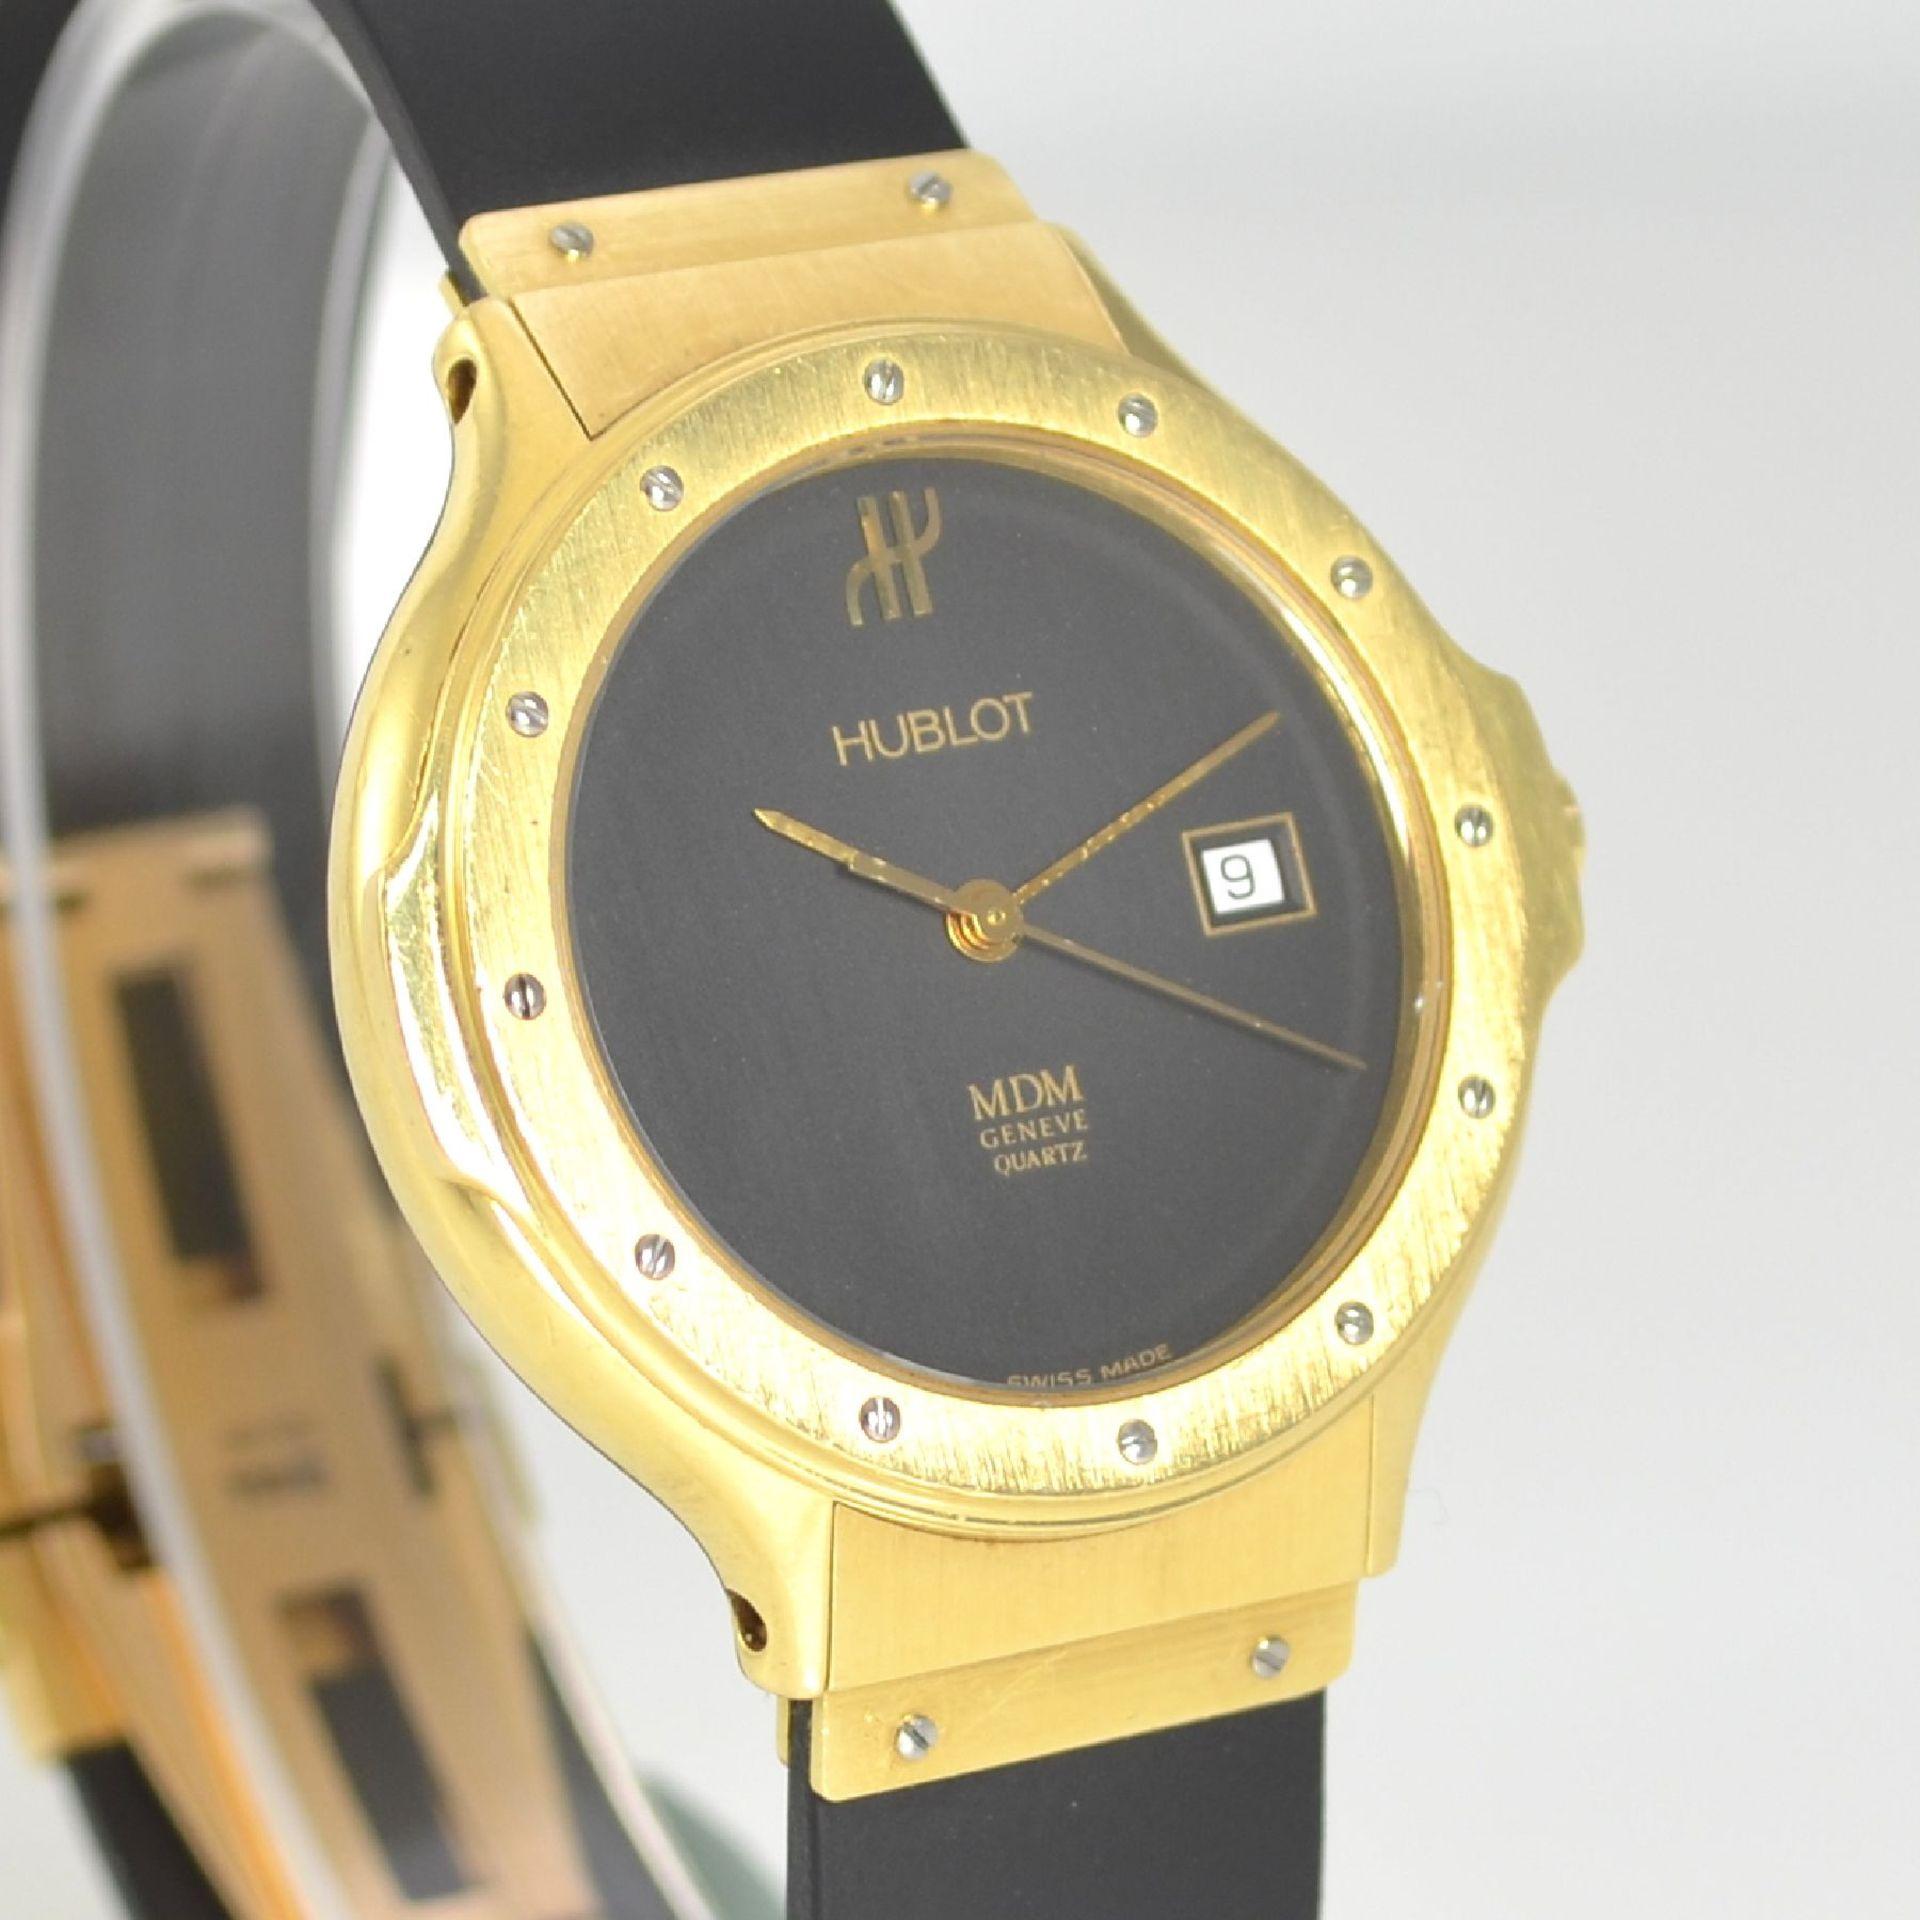 HUBLOT MDM Armbanduhr in GG 750/000, Schweiz um 1995, quarz, Ref. 140.10.3, massives Goldgeh., Boden - Bild 5 aus 7